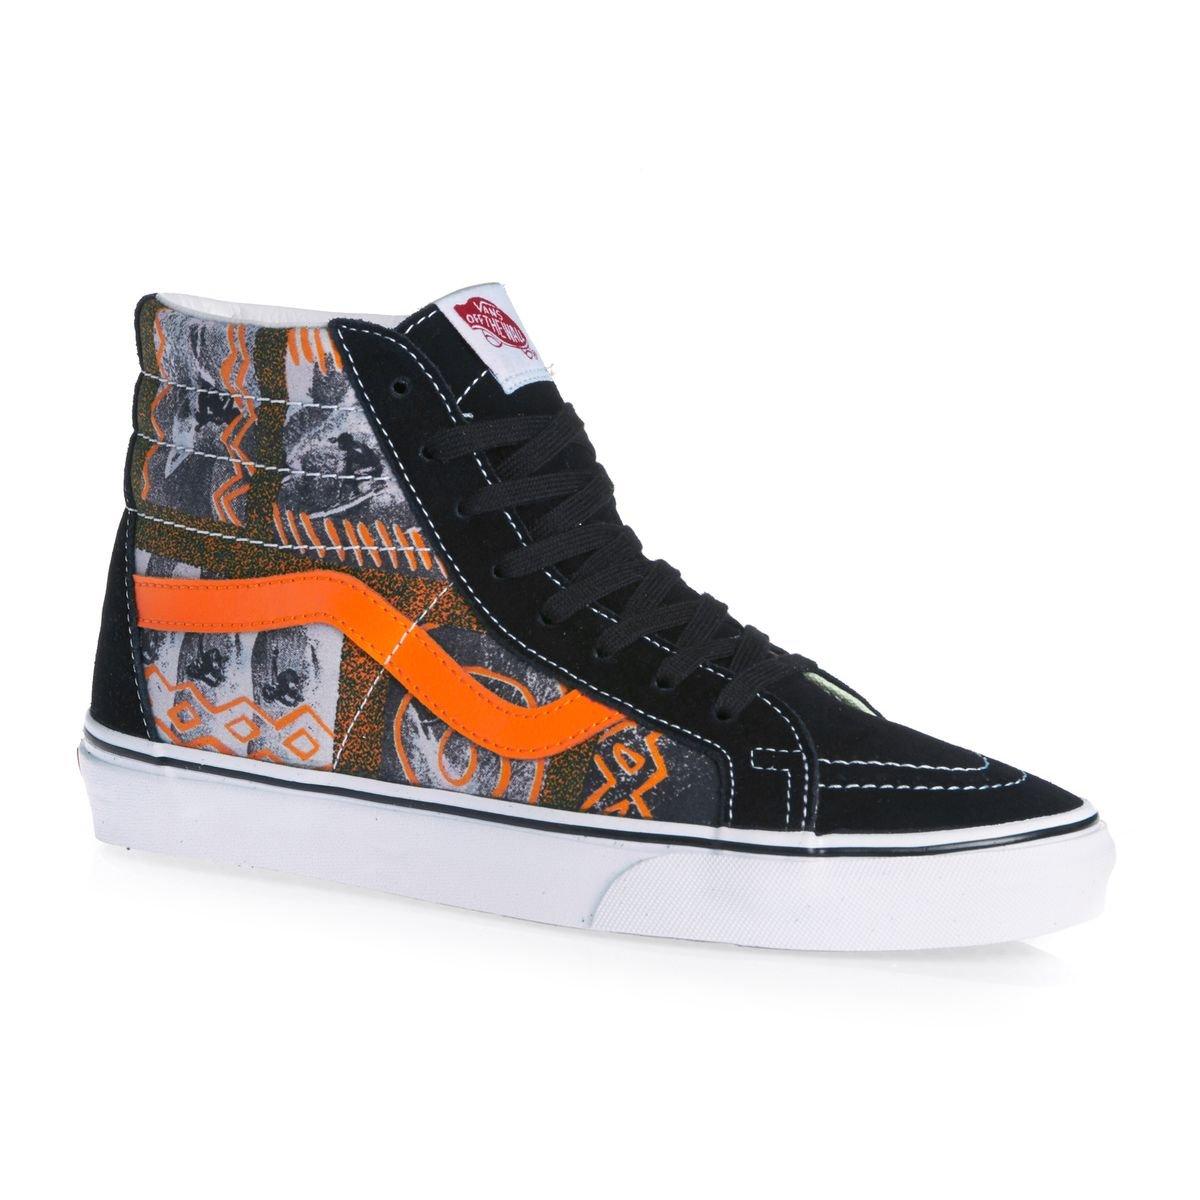 Vans Unisex Sk8-Hi Slim Women's Skate Shoe B0130OL1PK 9 M US Women / 7.5 M US Men|Hoffman/Black